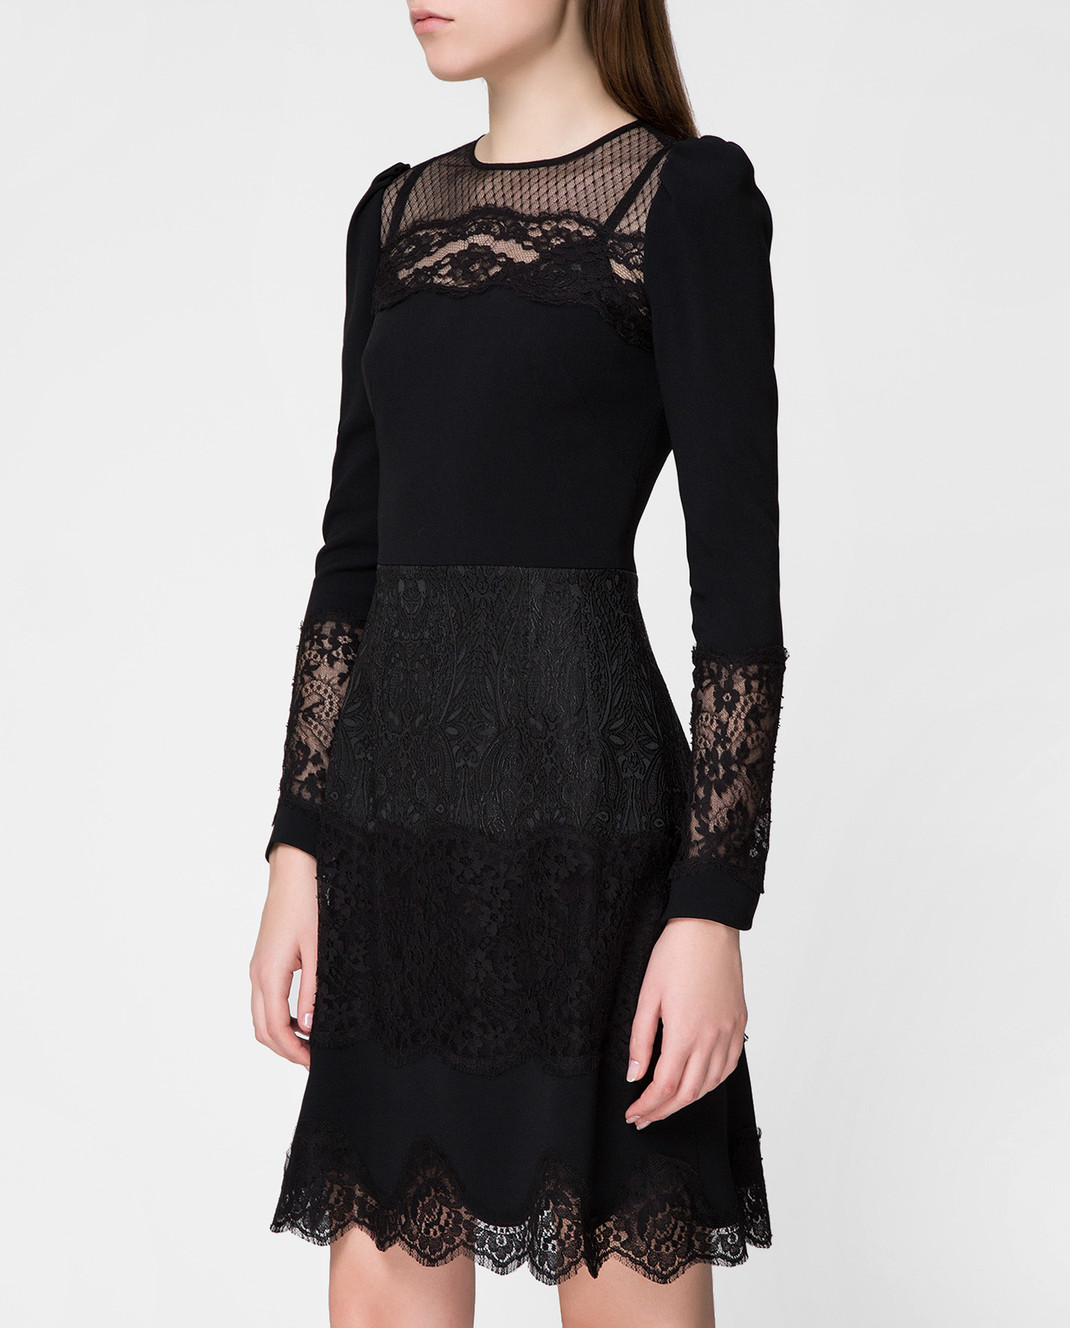 Dolce&Gabbana Черное платье F6C2STFURDV изображение 3